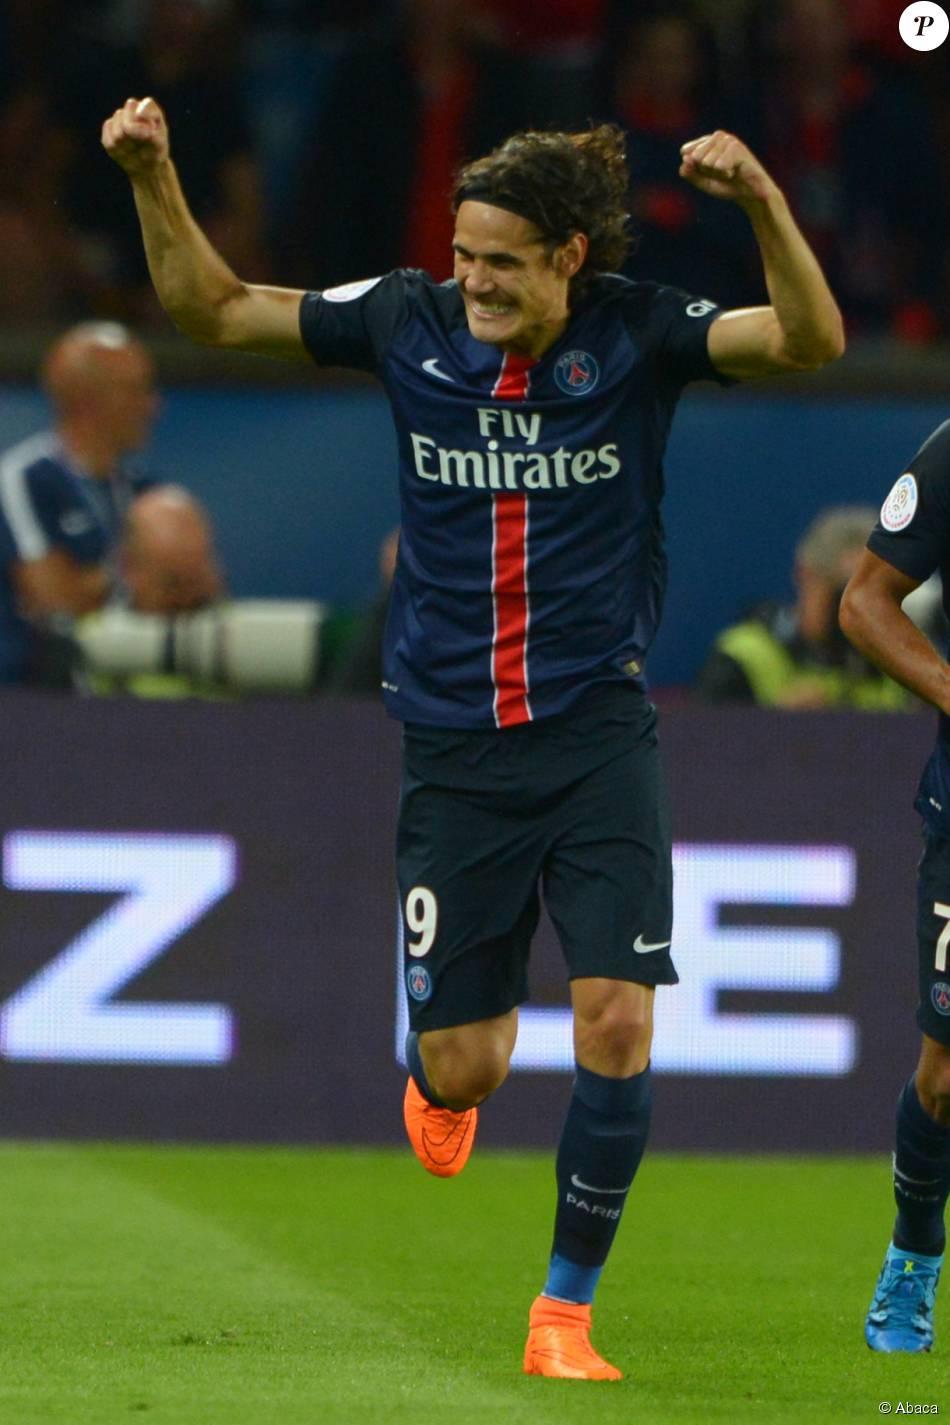 Edinson Cavani lors de la rencontre entre le Paris Saint-Germain et les Girondins de Bordeaux au Parc des Princes à Paris, le 11 septembre 2015